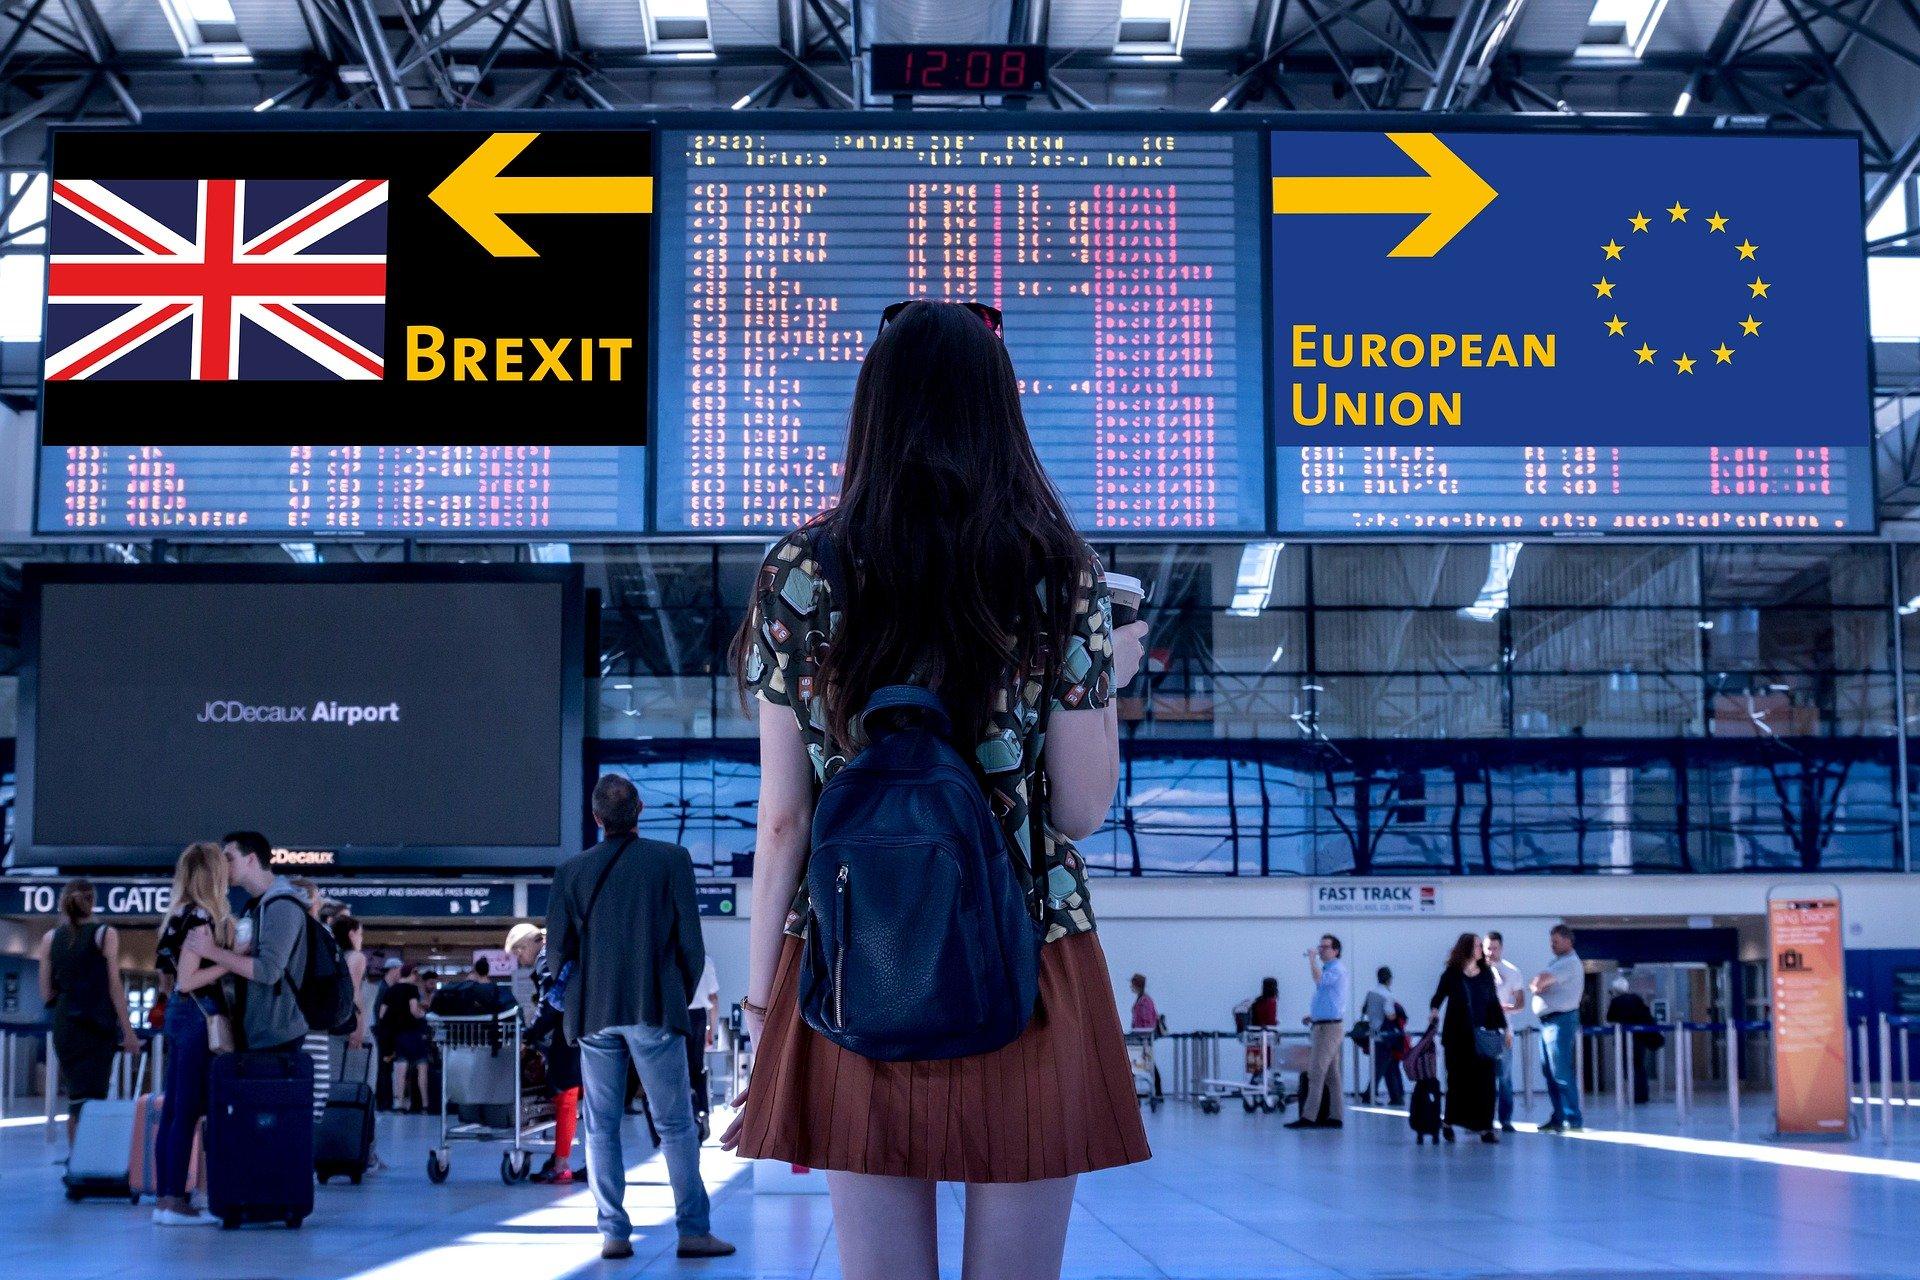 Predicții Brexit EU/UK 2021